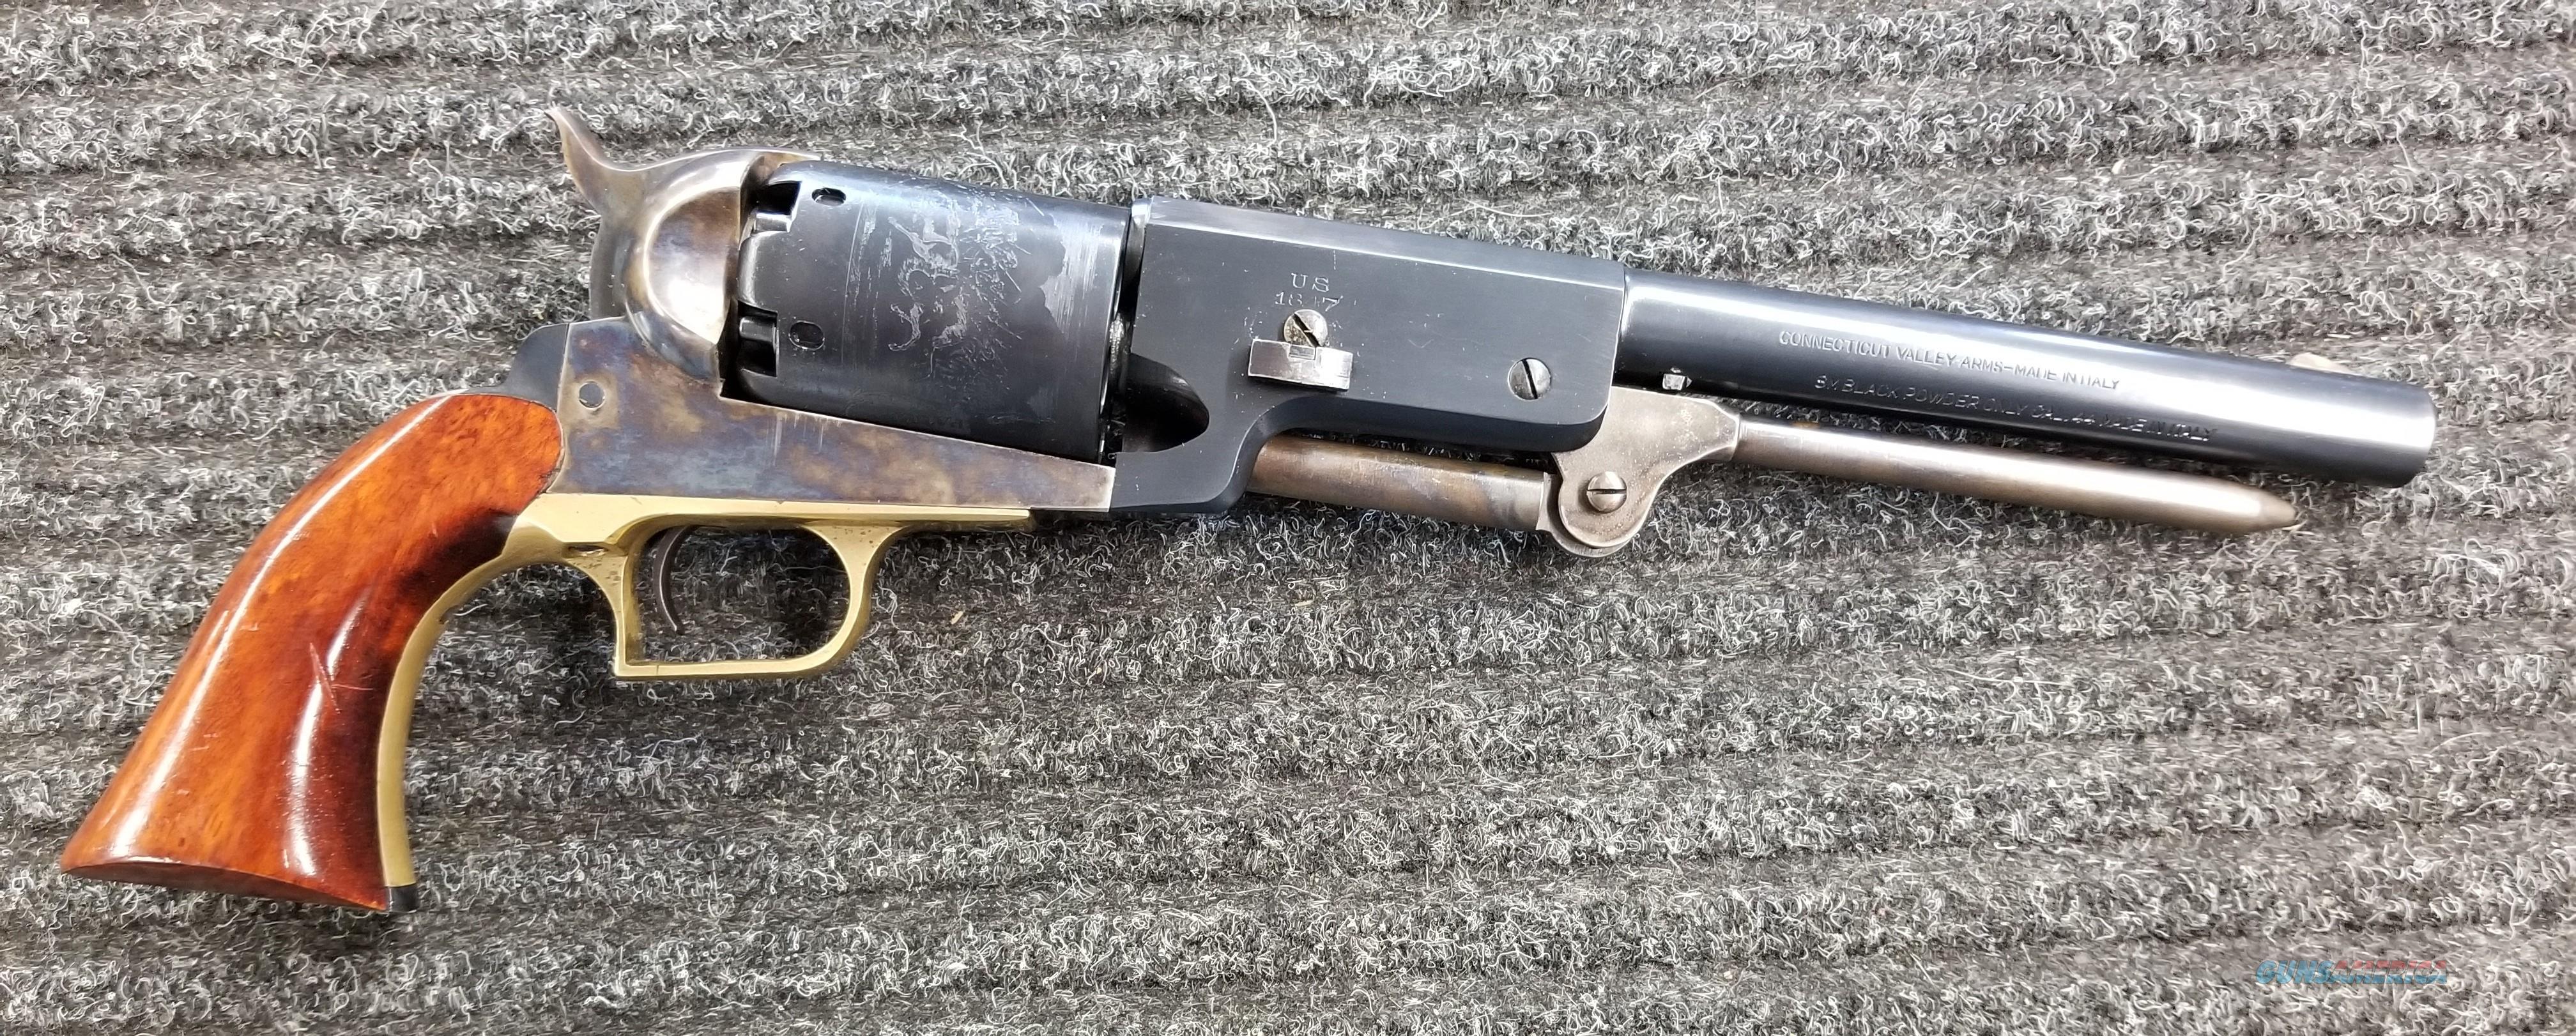 Colt Dragoon .44 Cal. - Beautiful CVA reproduction - Free Shipping  Non-Guns > Black Powder Muzzleloading